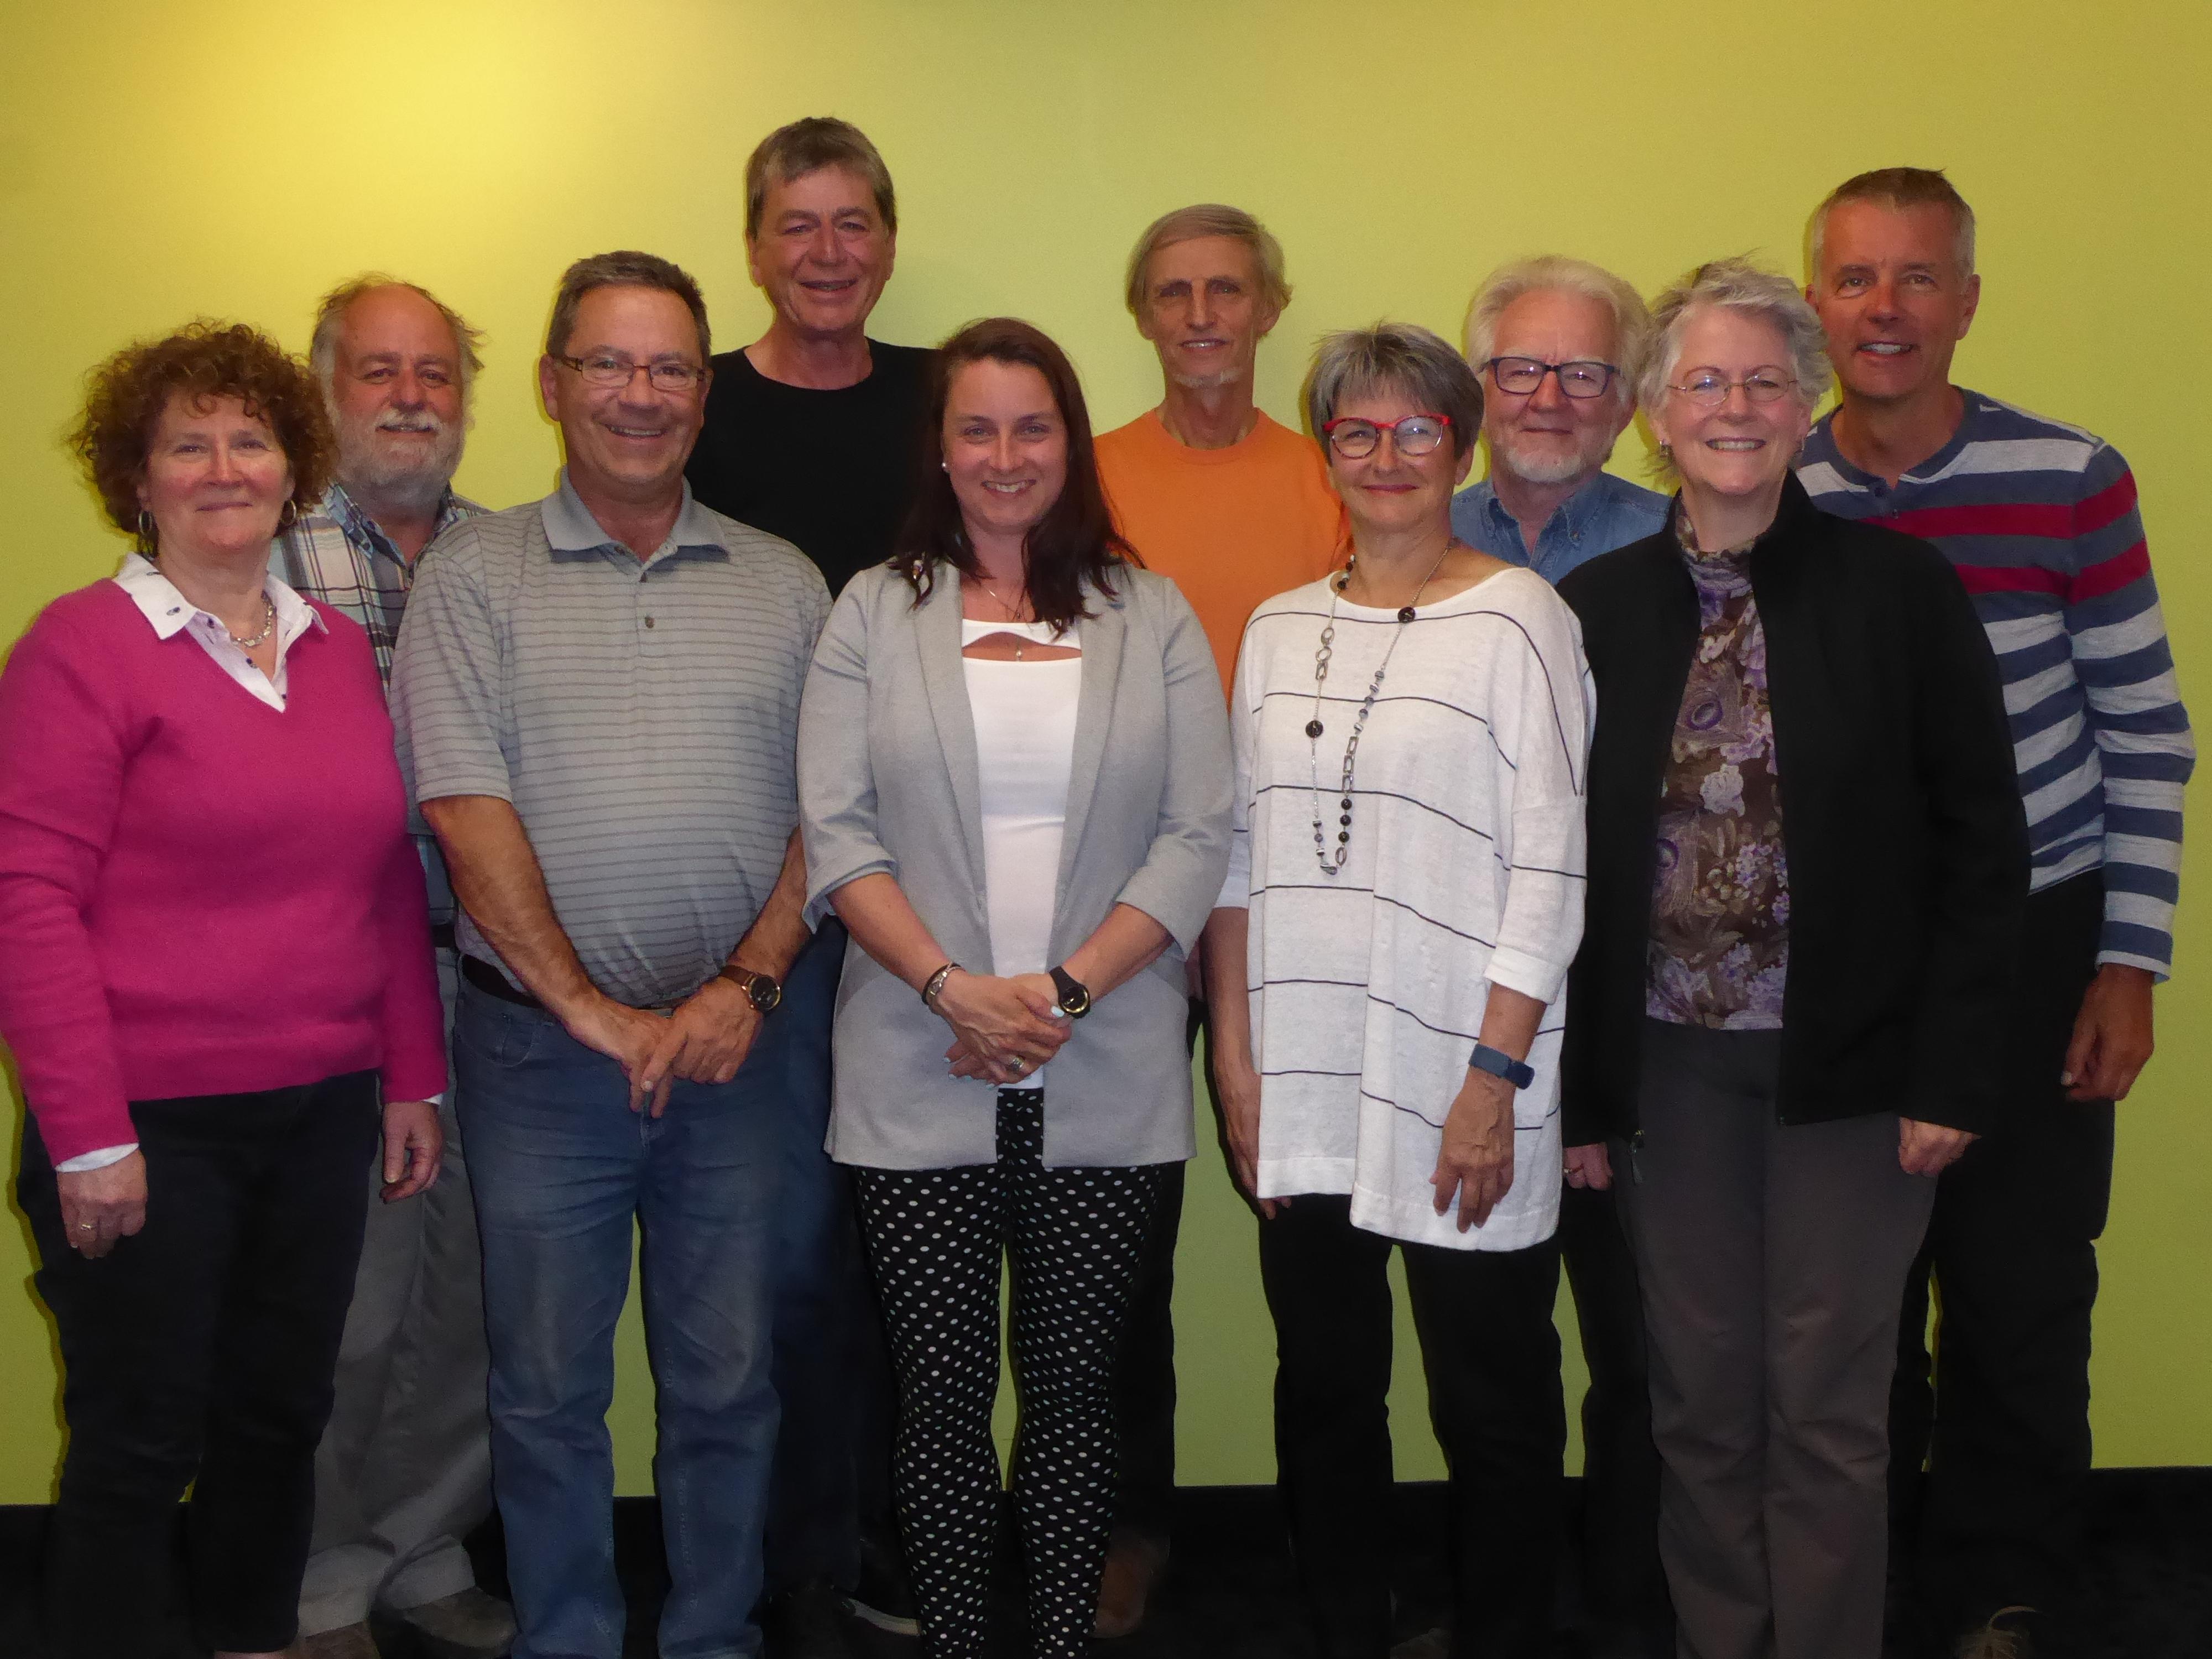 Les membres du conseil d'administration de la Société Provancher en 2018. Photo: Jean Tremblay.